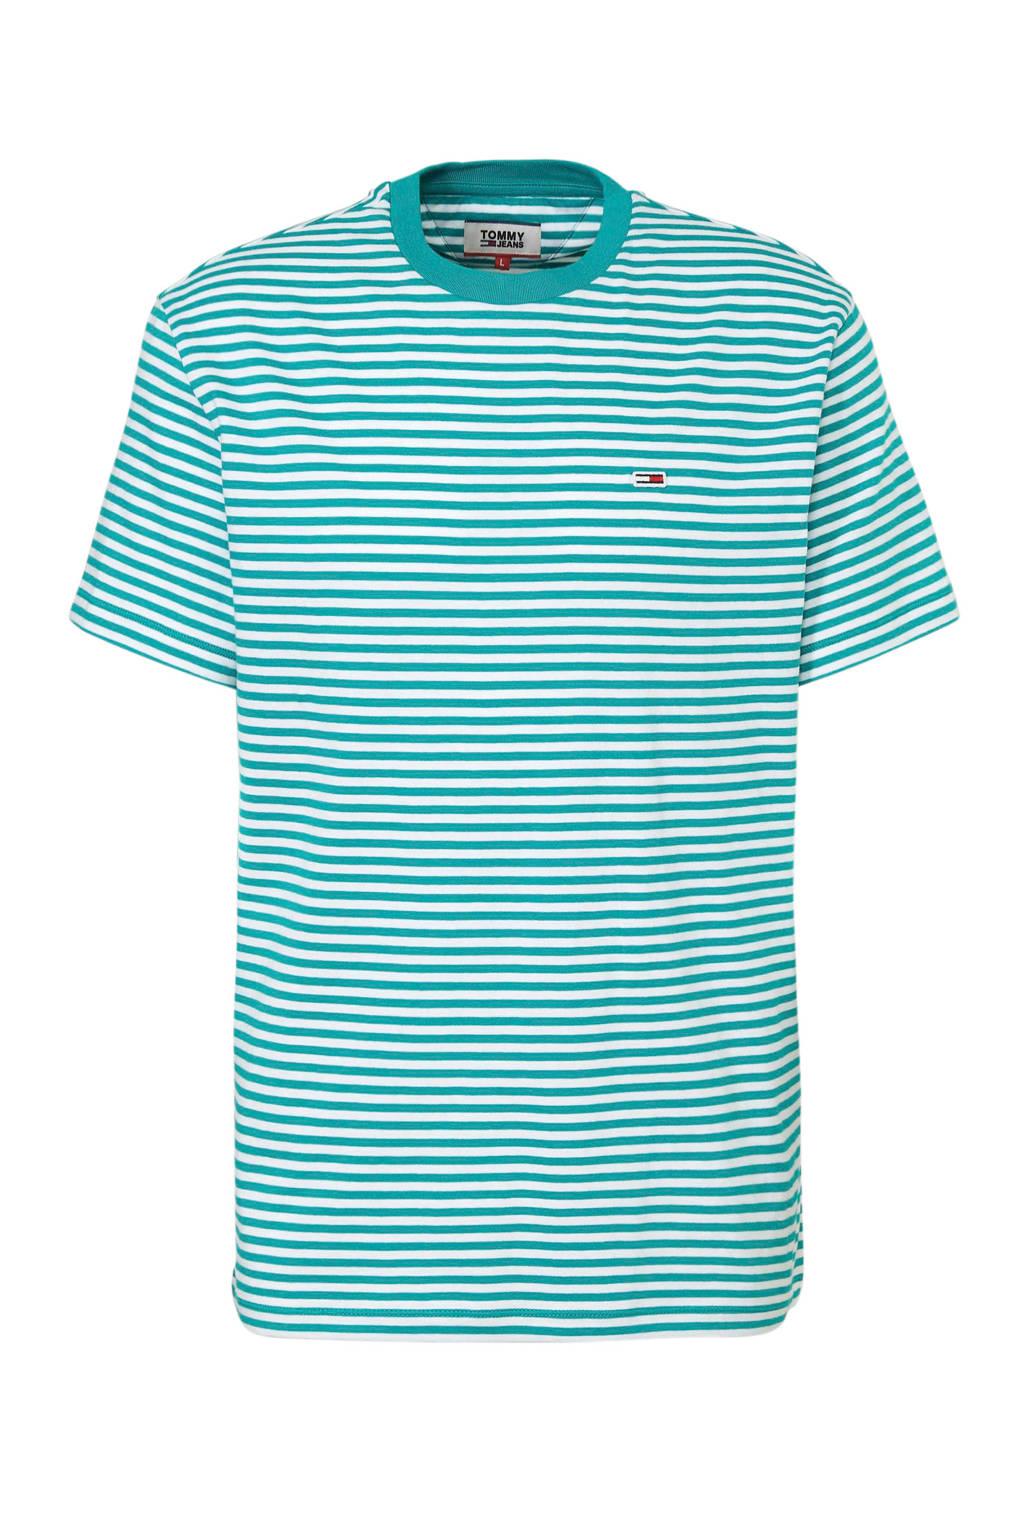 Tommy Jeans T-shirt met streepdessin groen, Groen/wit